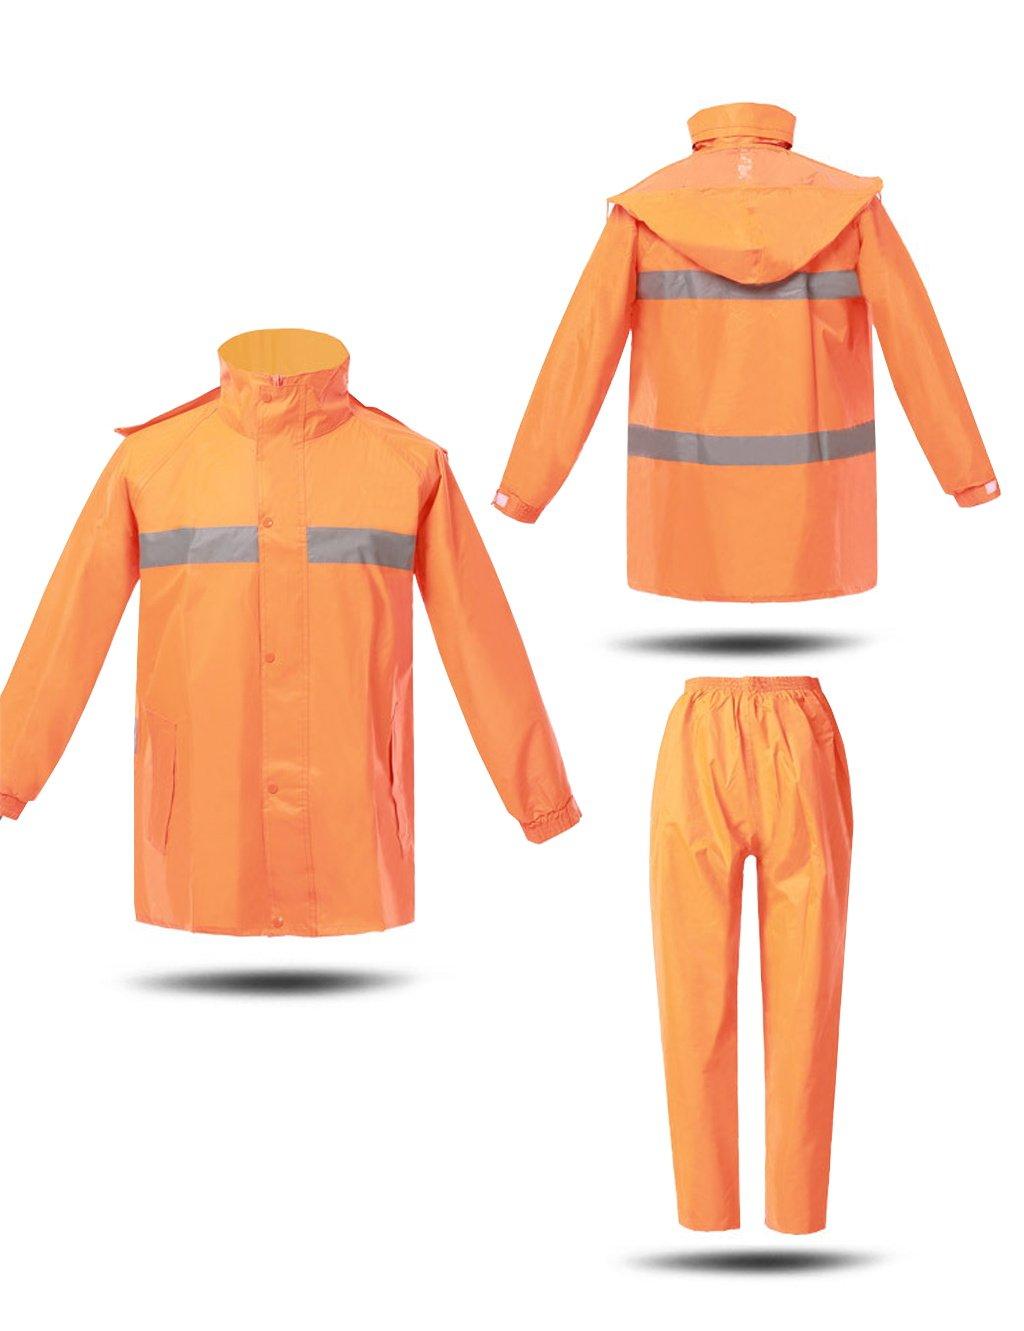 Regen Anzug Regenbekleidung Regenmantel Regenanzug für Männer Wiederverwendbar (Regenjacke und Regenhose Set) Erwachsene regendicht Winddicht mit Kapuze Outdoor-Arbeit Regenjacken (größe   XL) B07FY9VFHC Jacken Moderne und stilvolle M